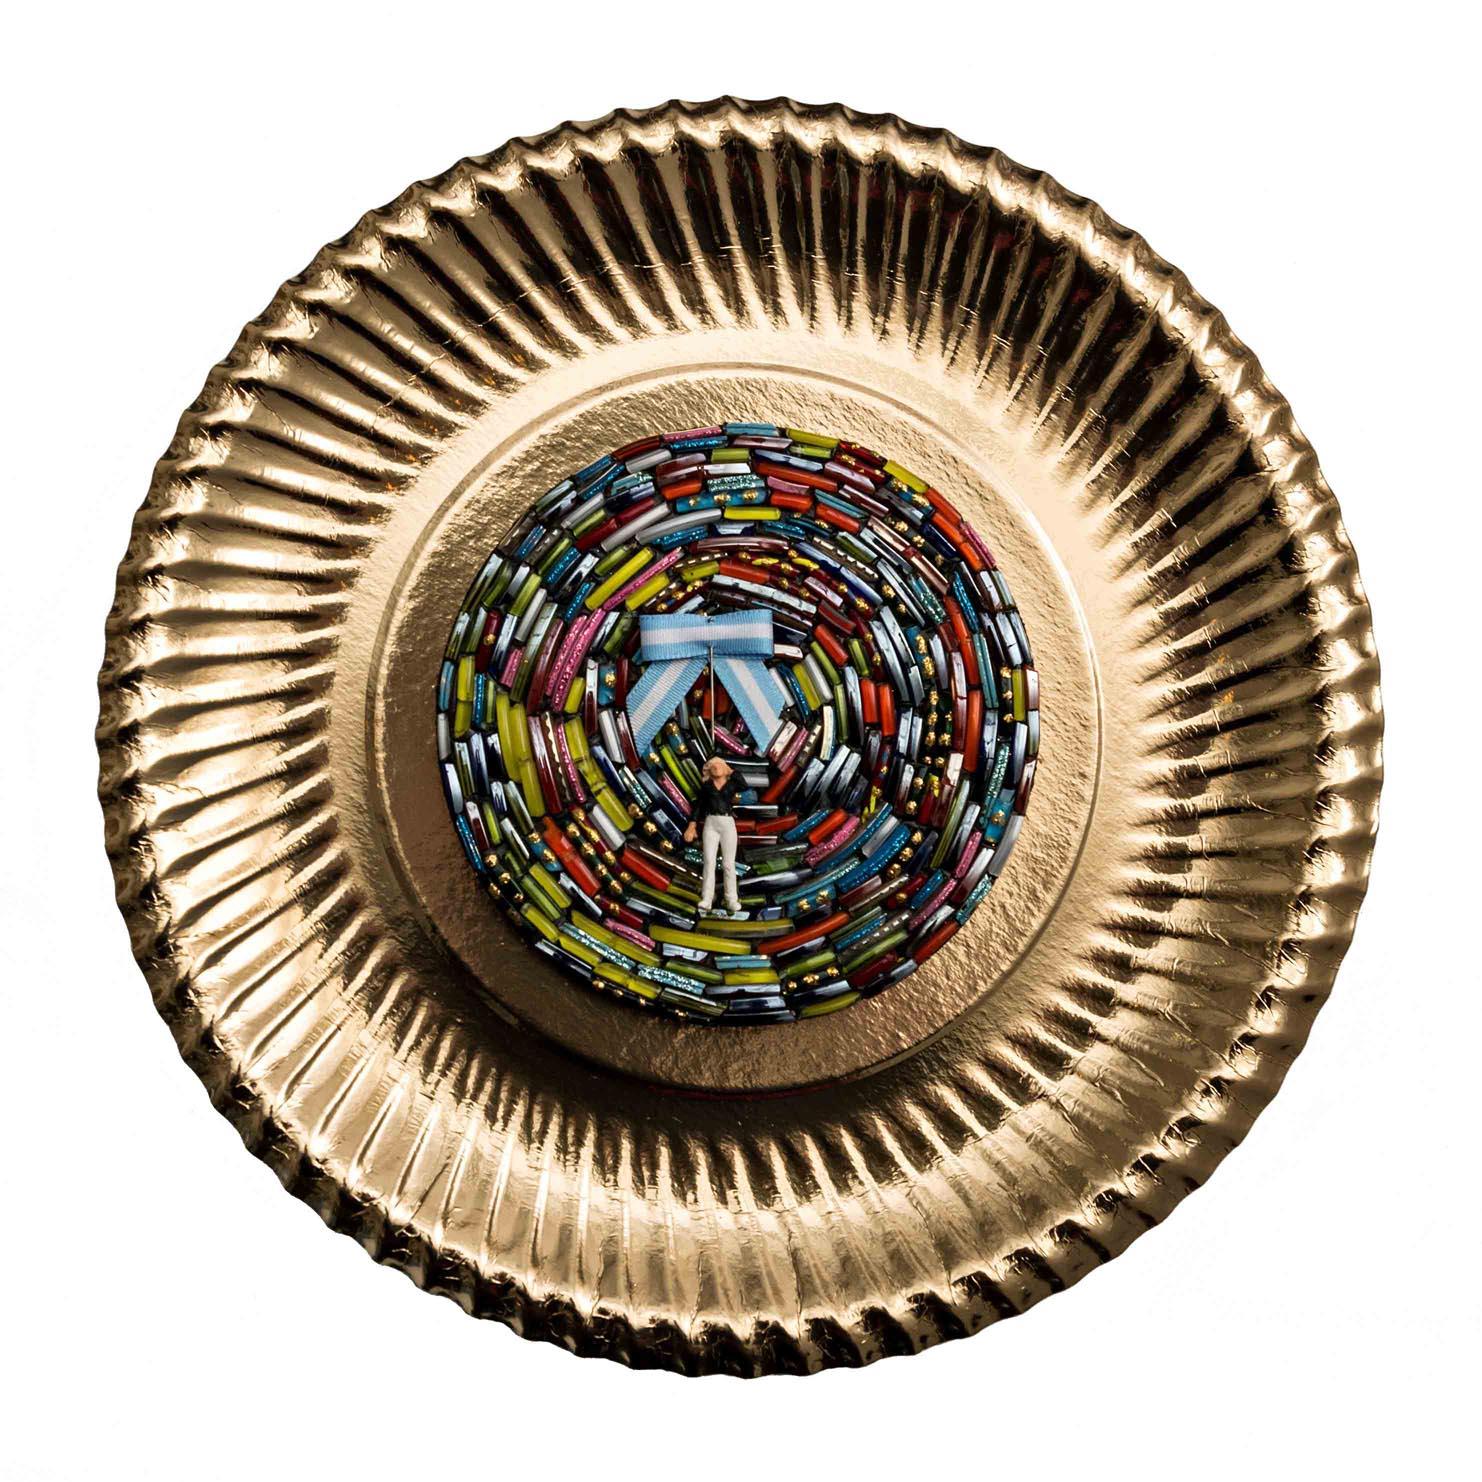 Chicas Argentinas II, objetos ensamblados, 30 x 30 cm, 2012